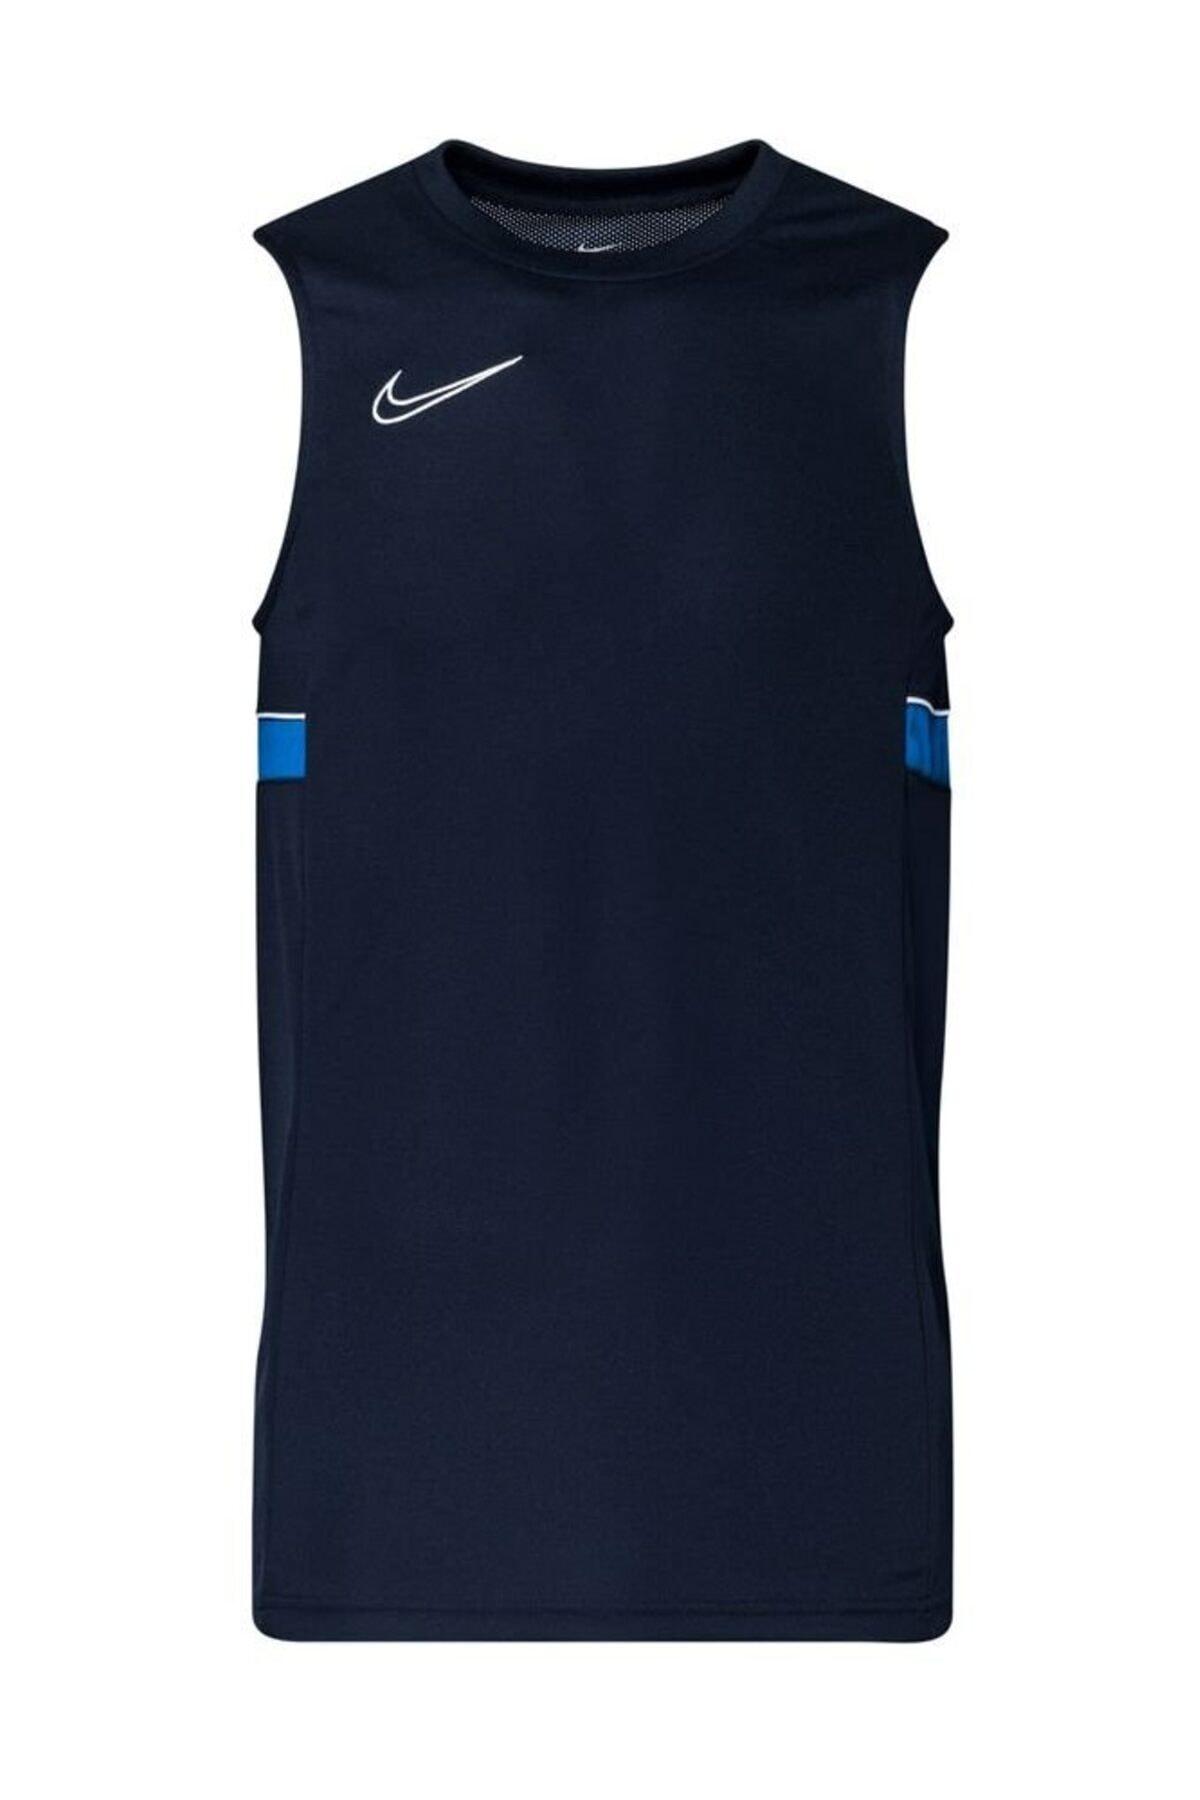 خرید اسان رکابی ورزشی مردانه جدید مارک نایک رنگ لاجوردی کد ty99658848